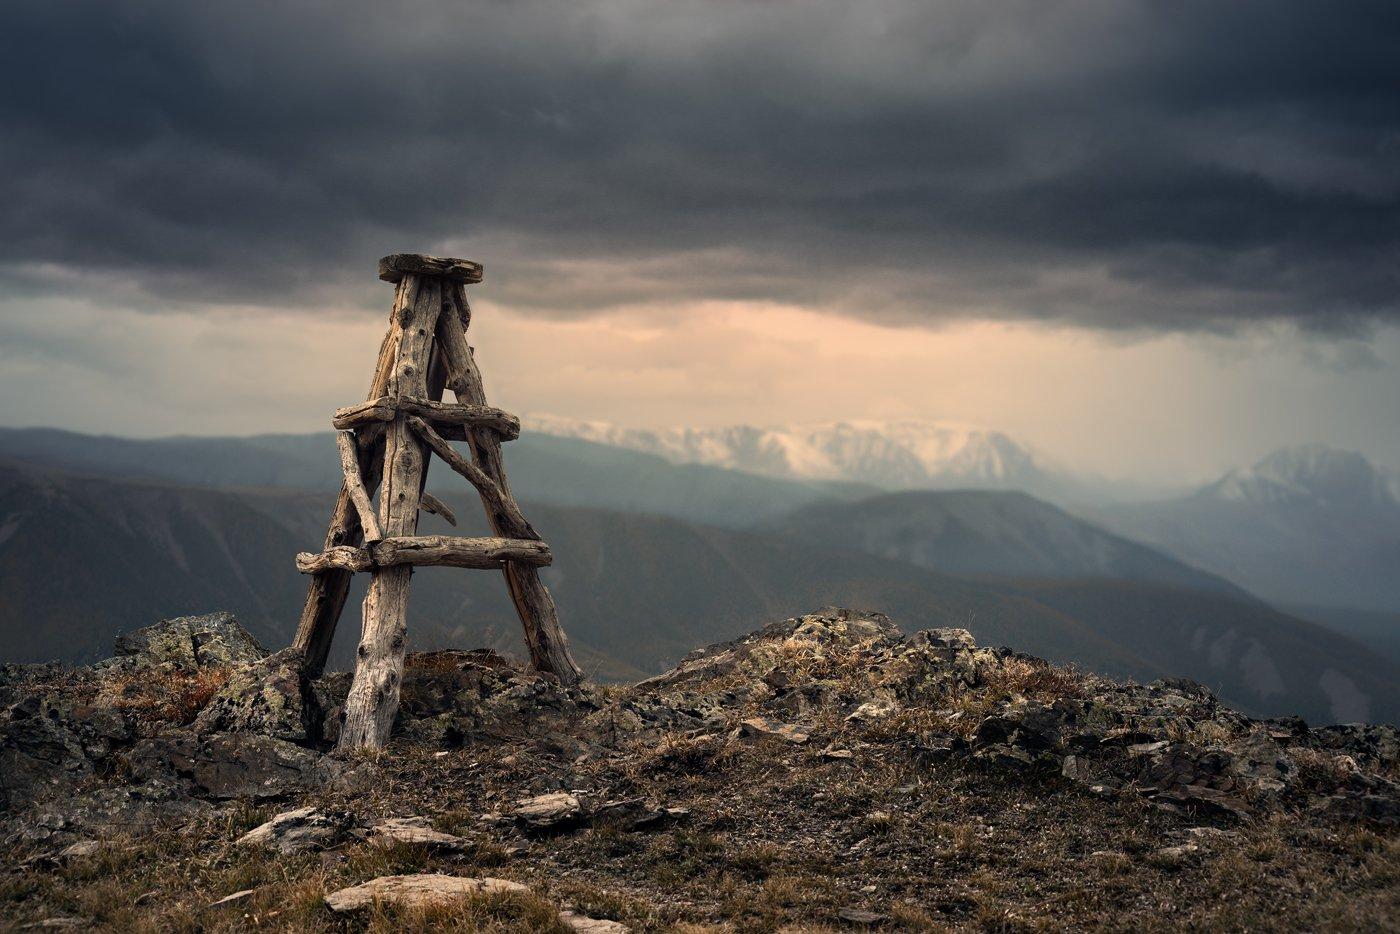 nature, landscape, mounts, mountains, pick, picket, foul weather, пейзаж, природа, горы, вершина, знак, геодезический, непогода, evening, altai, siberia, вечер, конструкция, алтай, сибирь, высокий, большой, Дмитрий Антипов